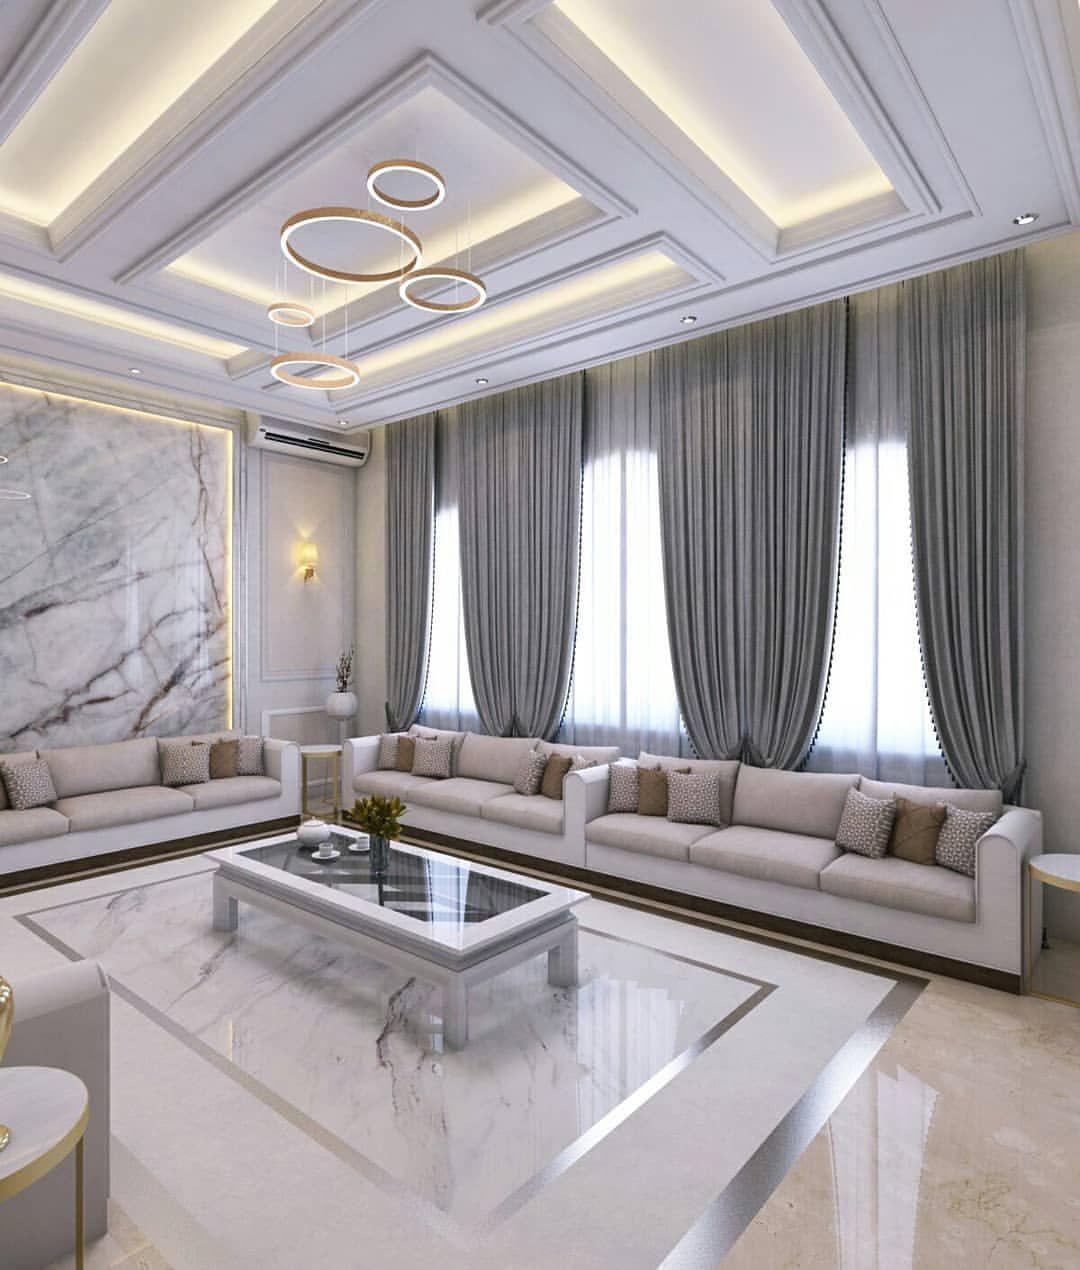 ديكورات البيت السعودي تصميم عصري بلمسات ابداعيه ديكور مجالس رجال باحدث الديكورات Living Room Design Decor Elegant Living Room Decor Living Room Sofa Design